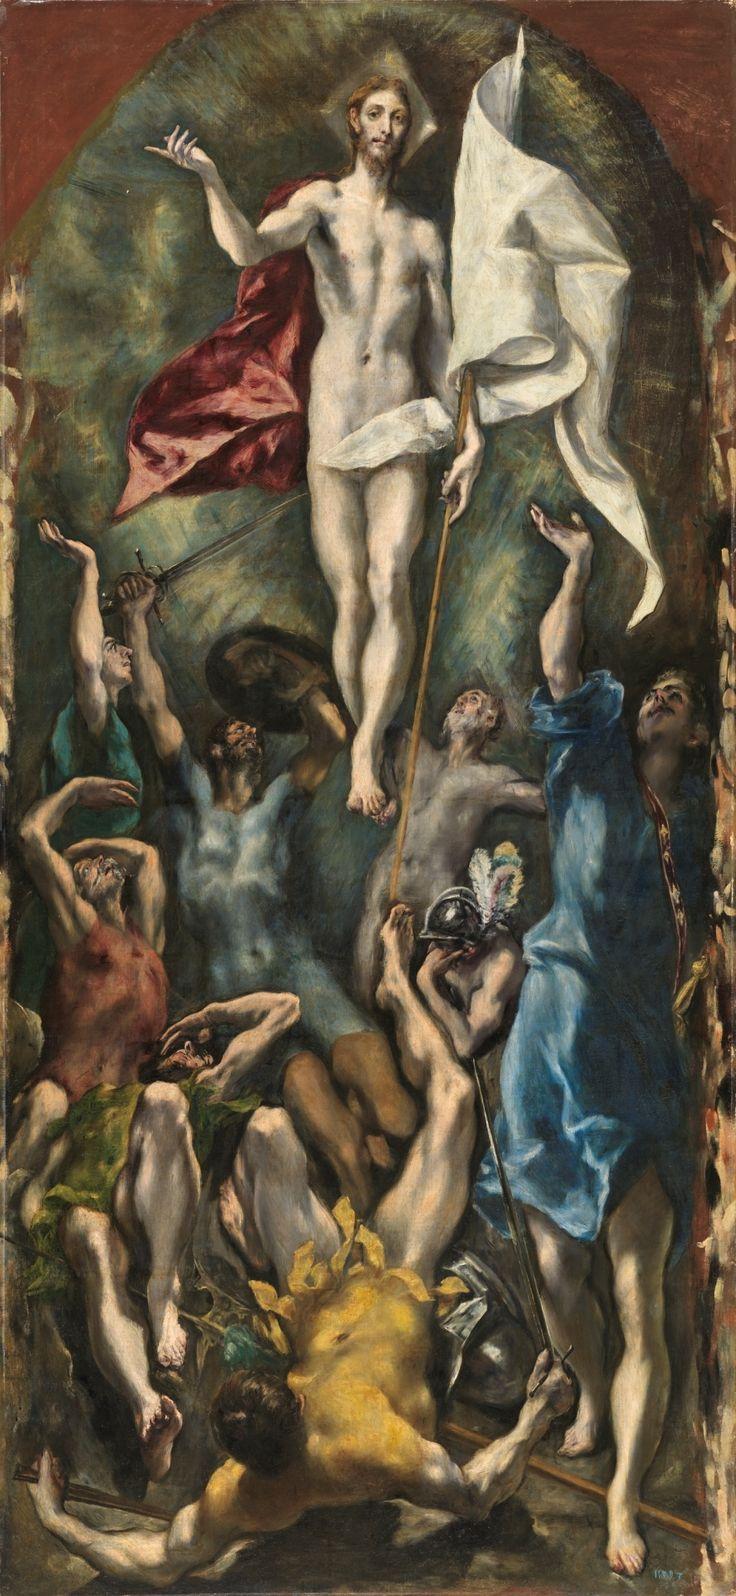 The Resurrection / La Resurrección de Cristo // 1597 - 1600 // El Greco // #Jesus #Easter #Pascua